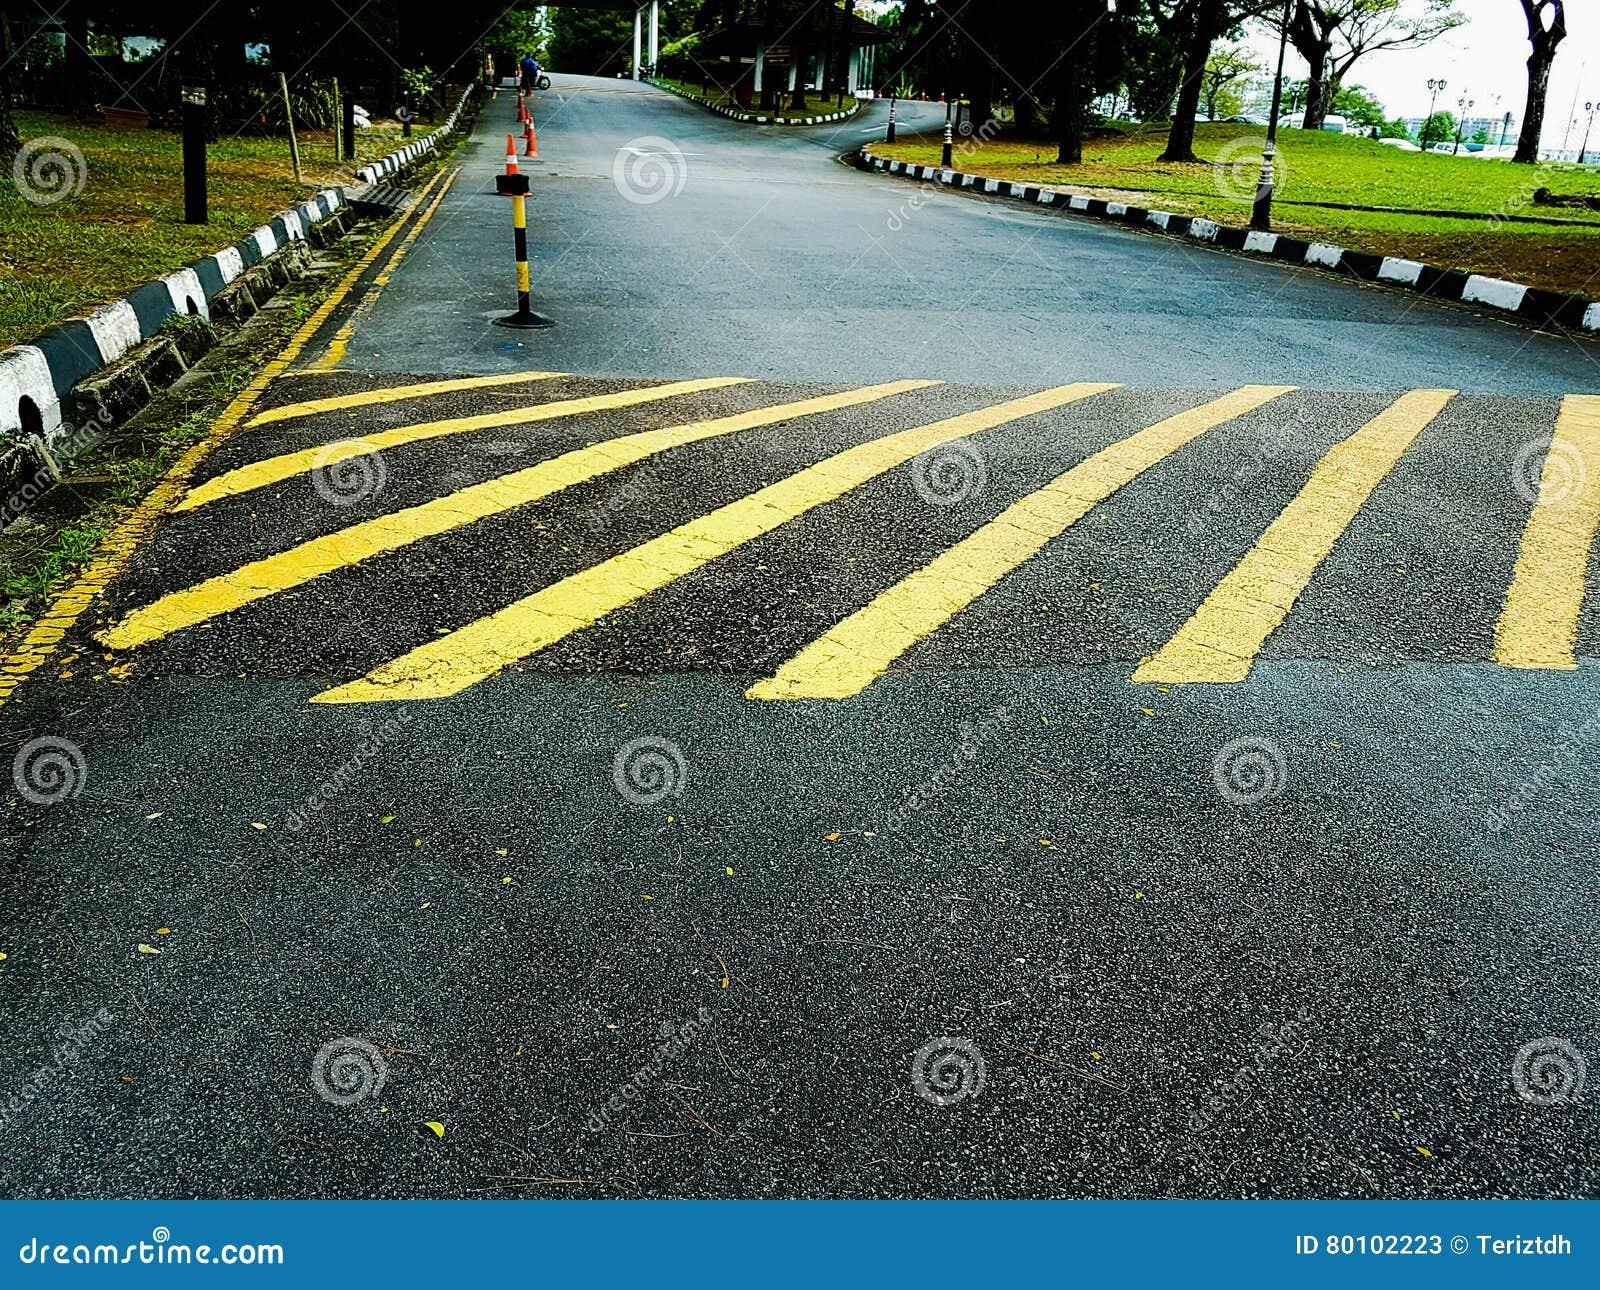 Marcações de estrada para indicar corcundas da estrada no asfalto/estrada do alcatrão